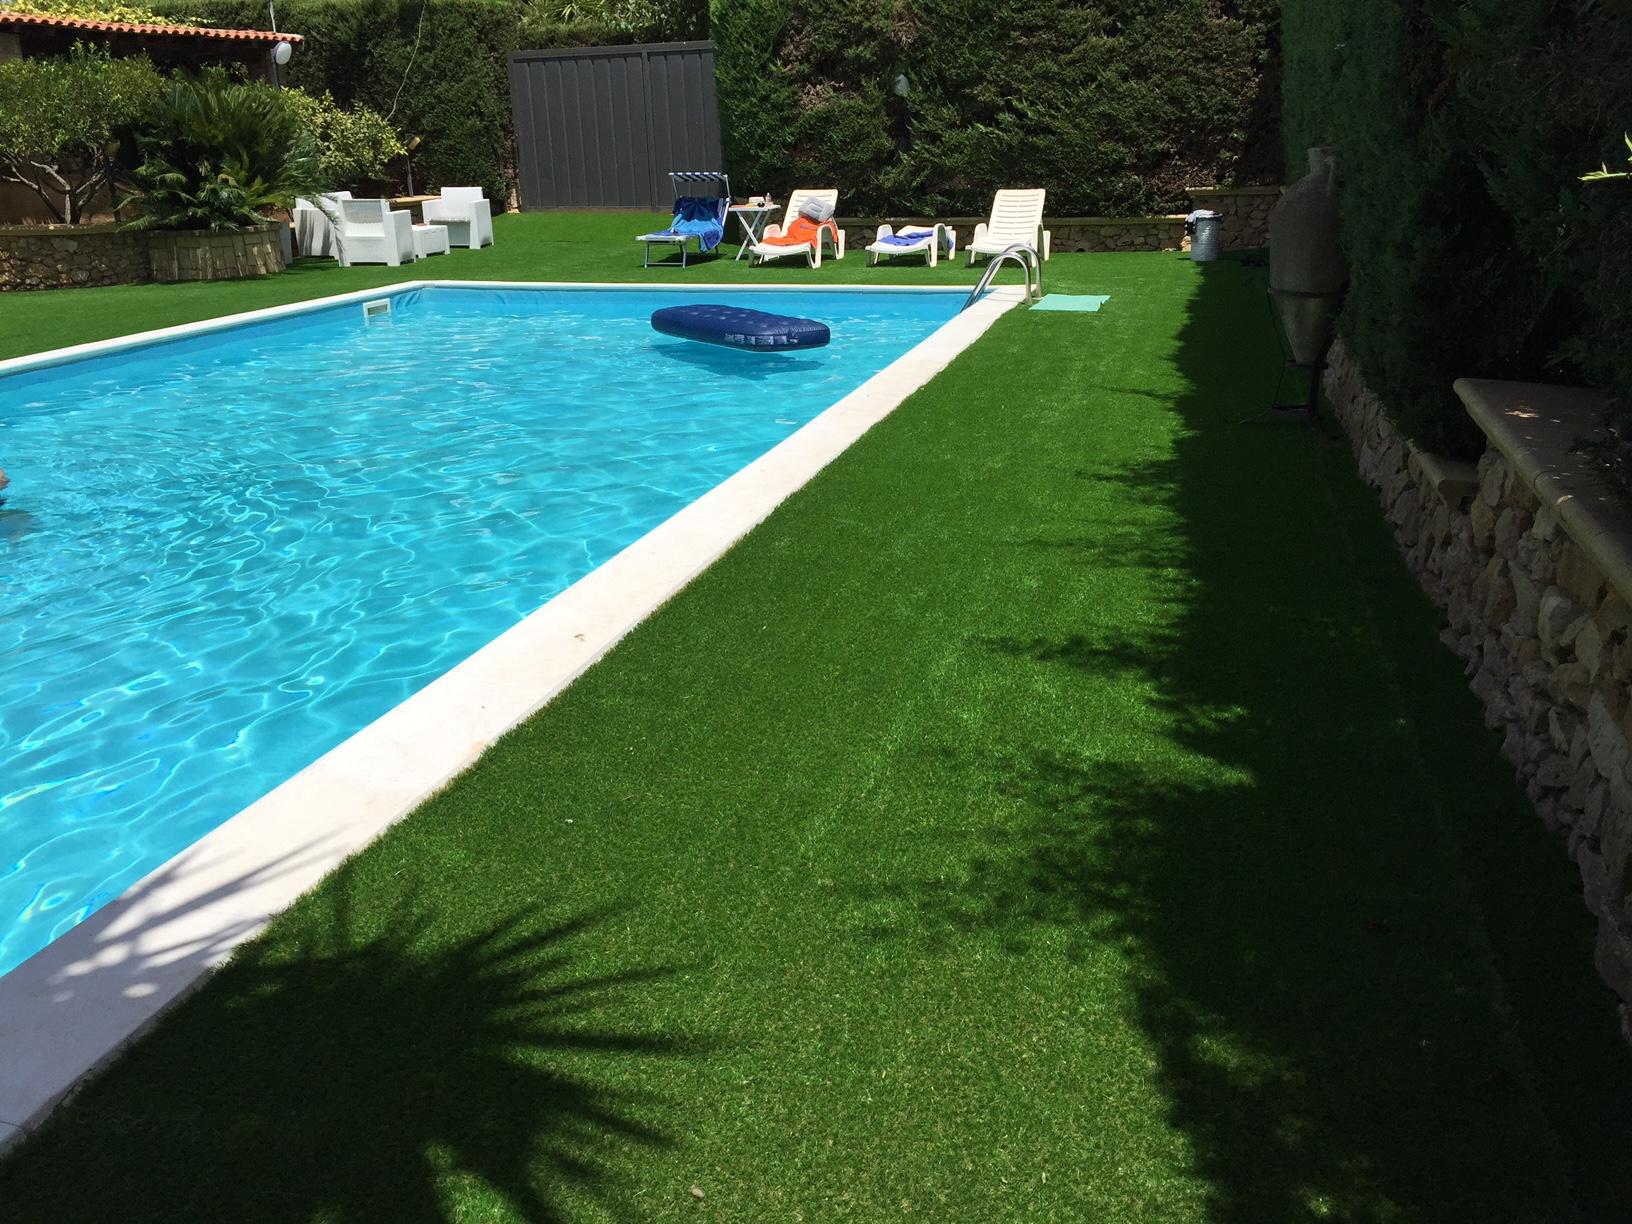 Prato sintetico per giardino svago senza pensieri - Idee per giardino senza erba ...